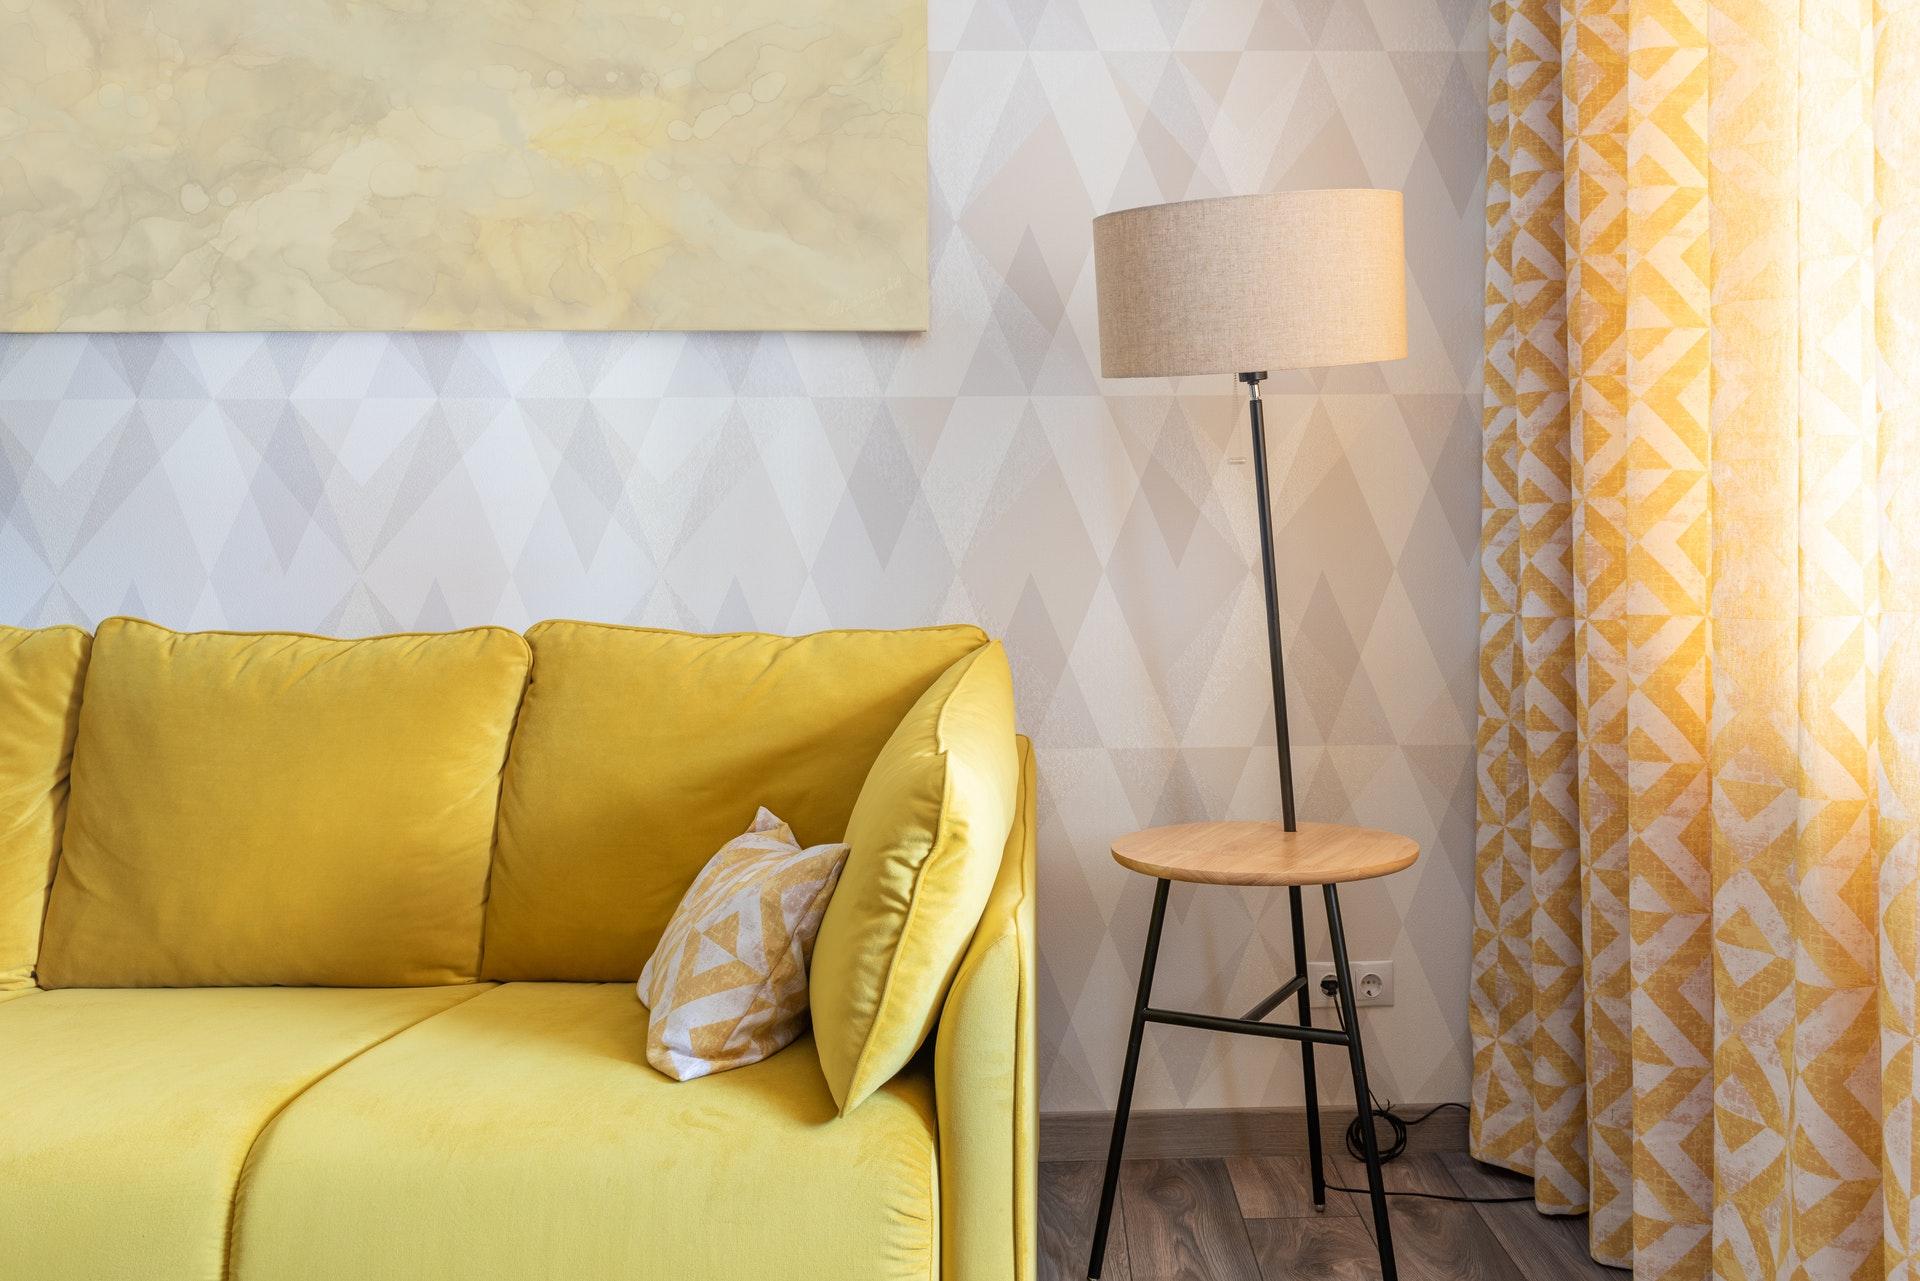 Imagem de uma parte de um sofá amarelo com uma luminária ao lado.